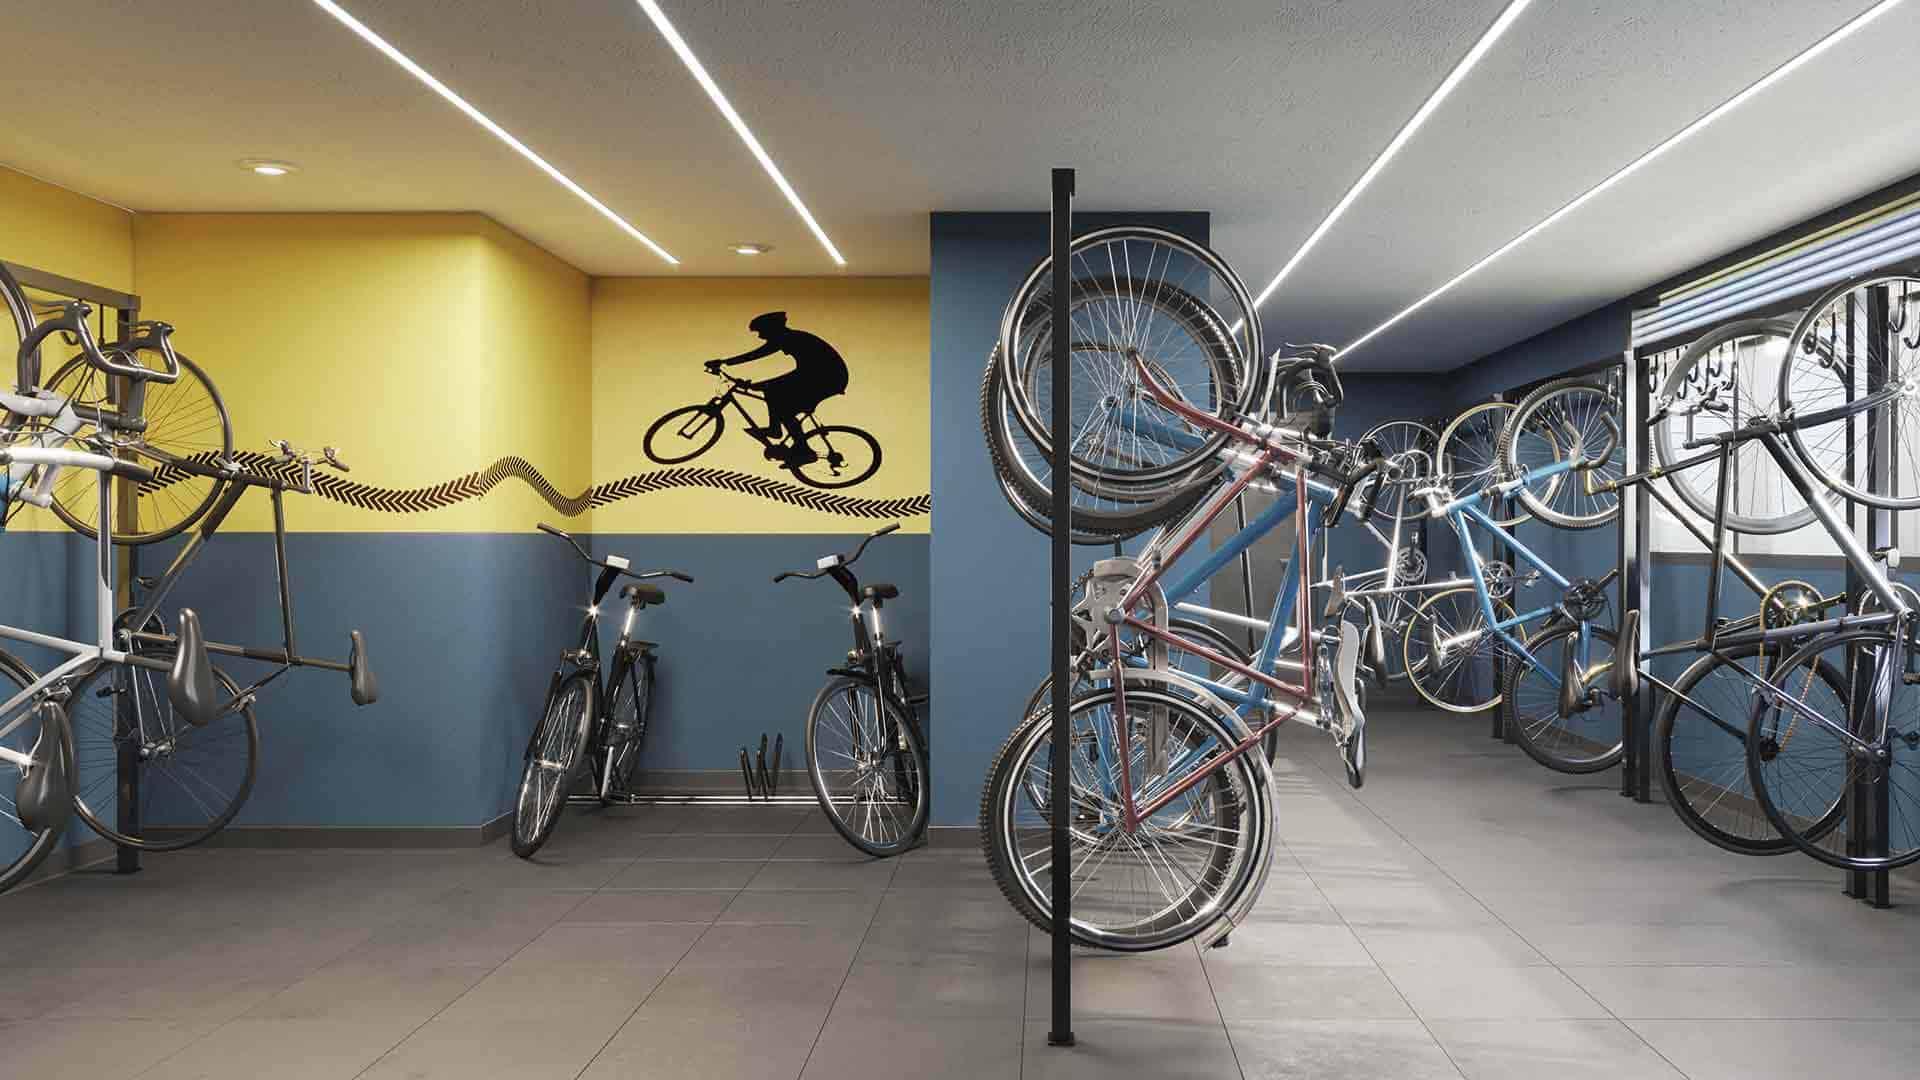 Perspectiva artística do bicicletário.